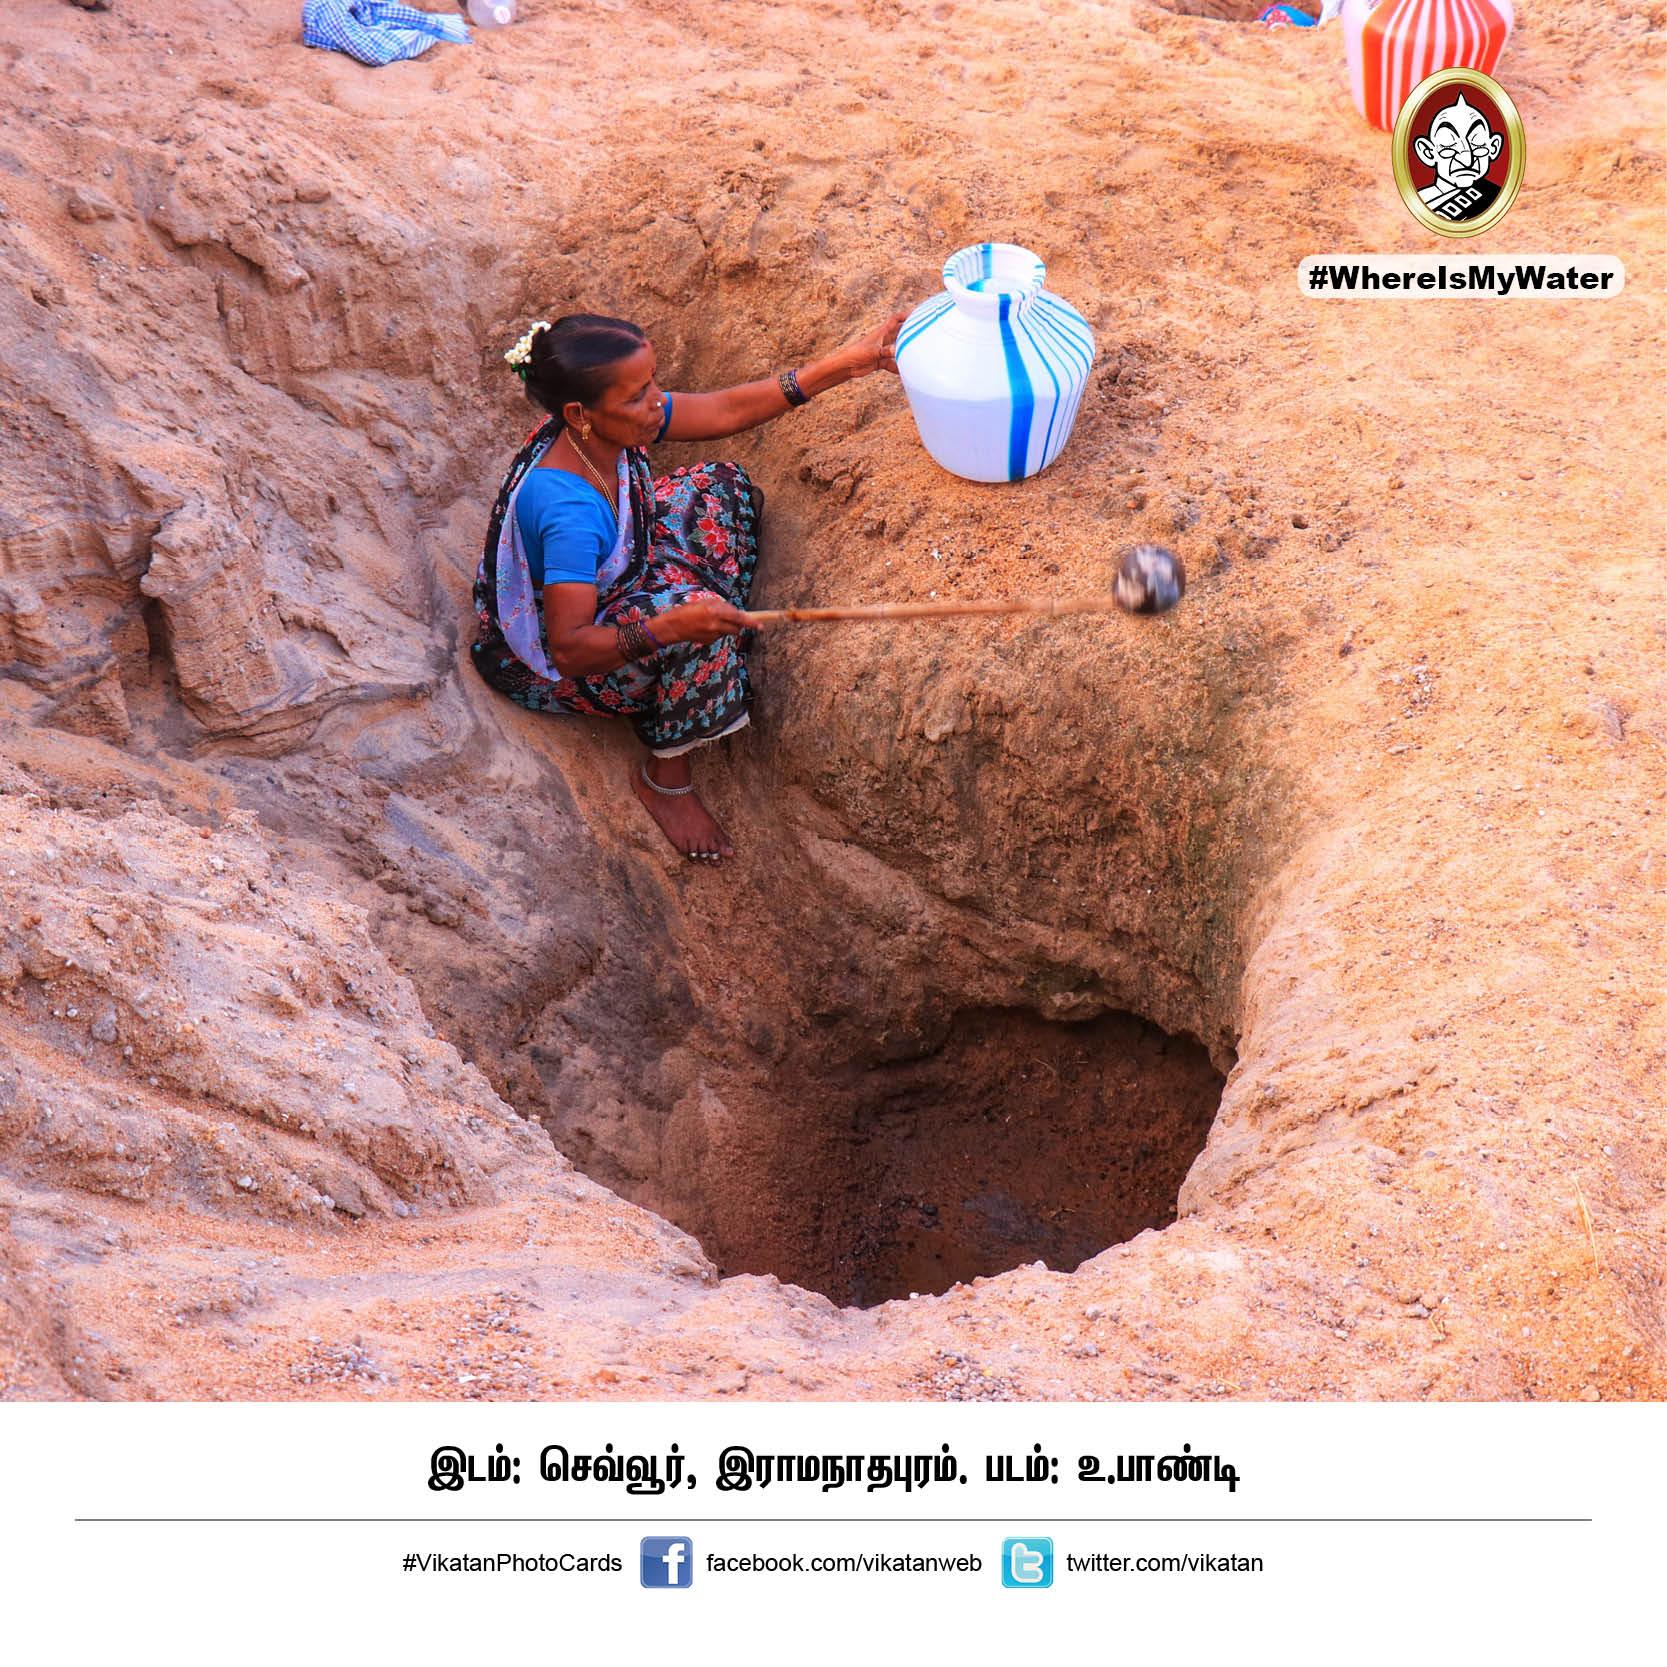 தண்ணியில்லா காடு... அதுதான் இப்போ தமிழ்நாடு! #VikatanPhotoCards